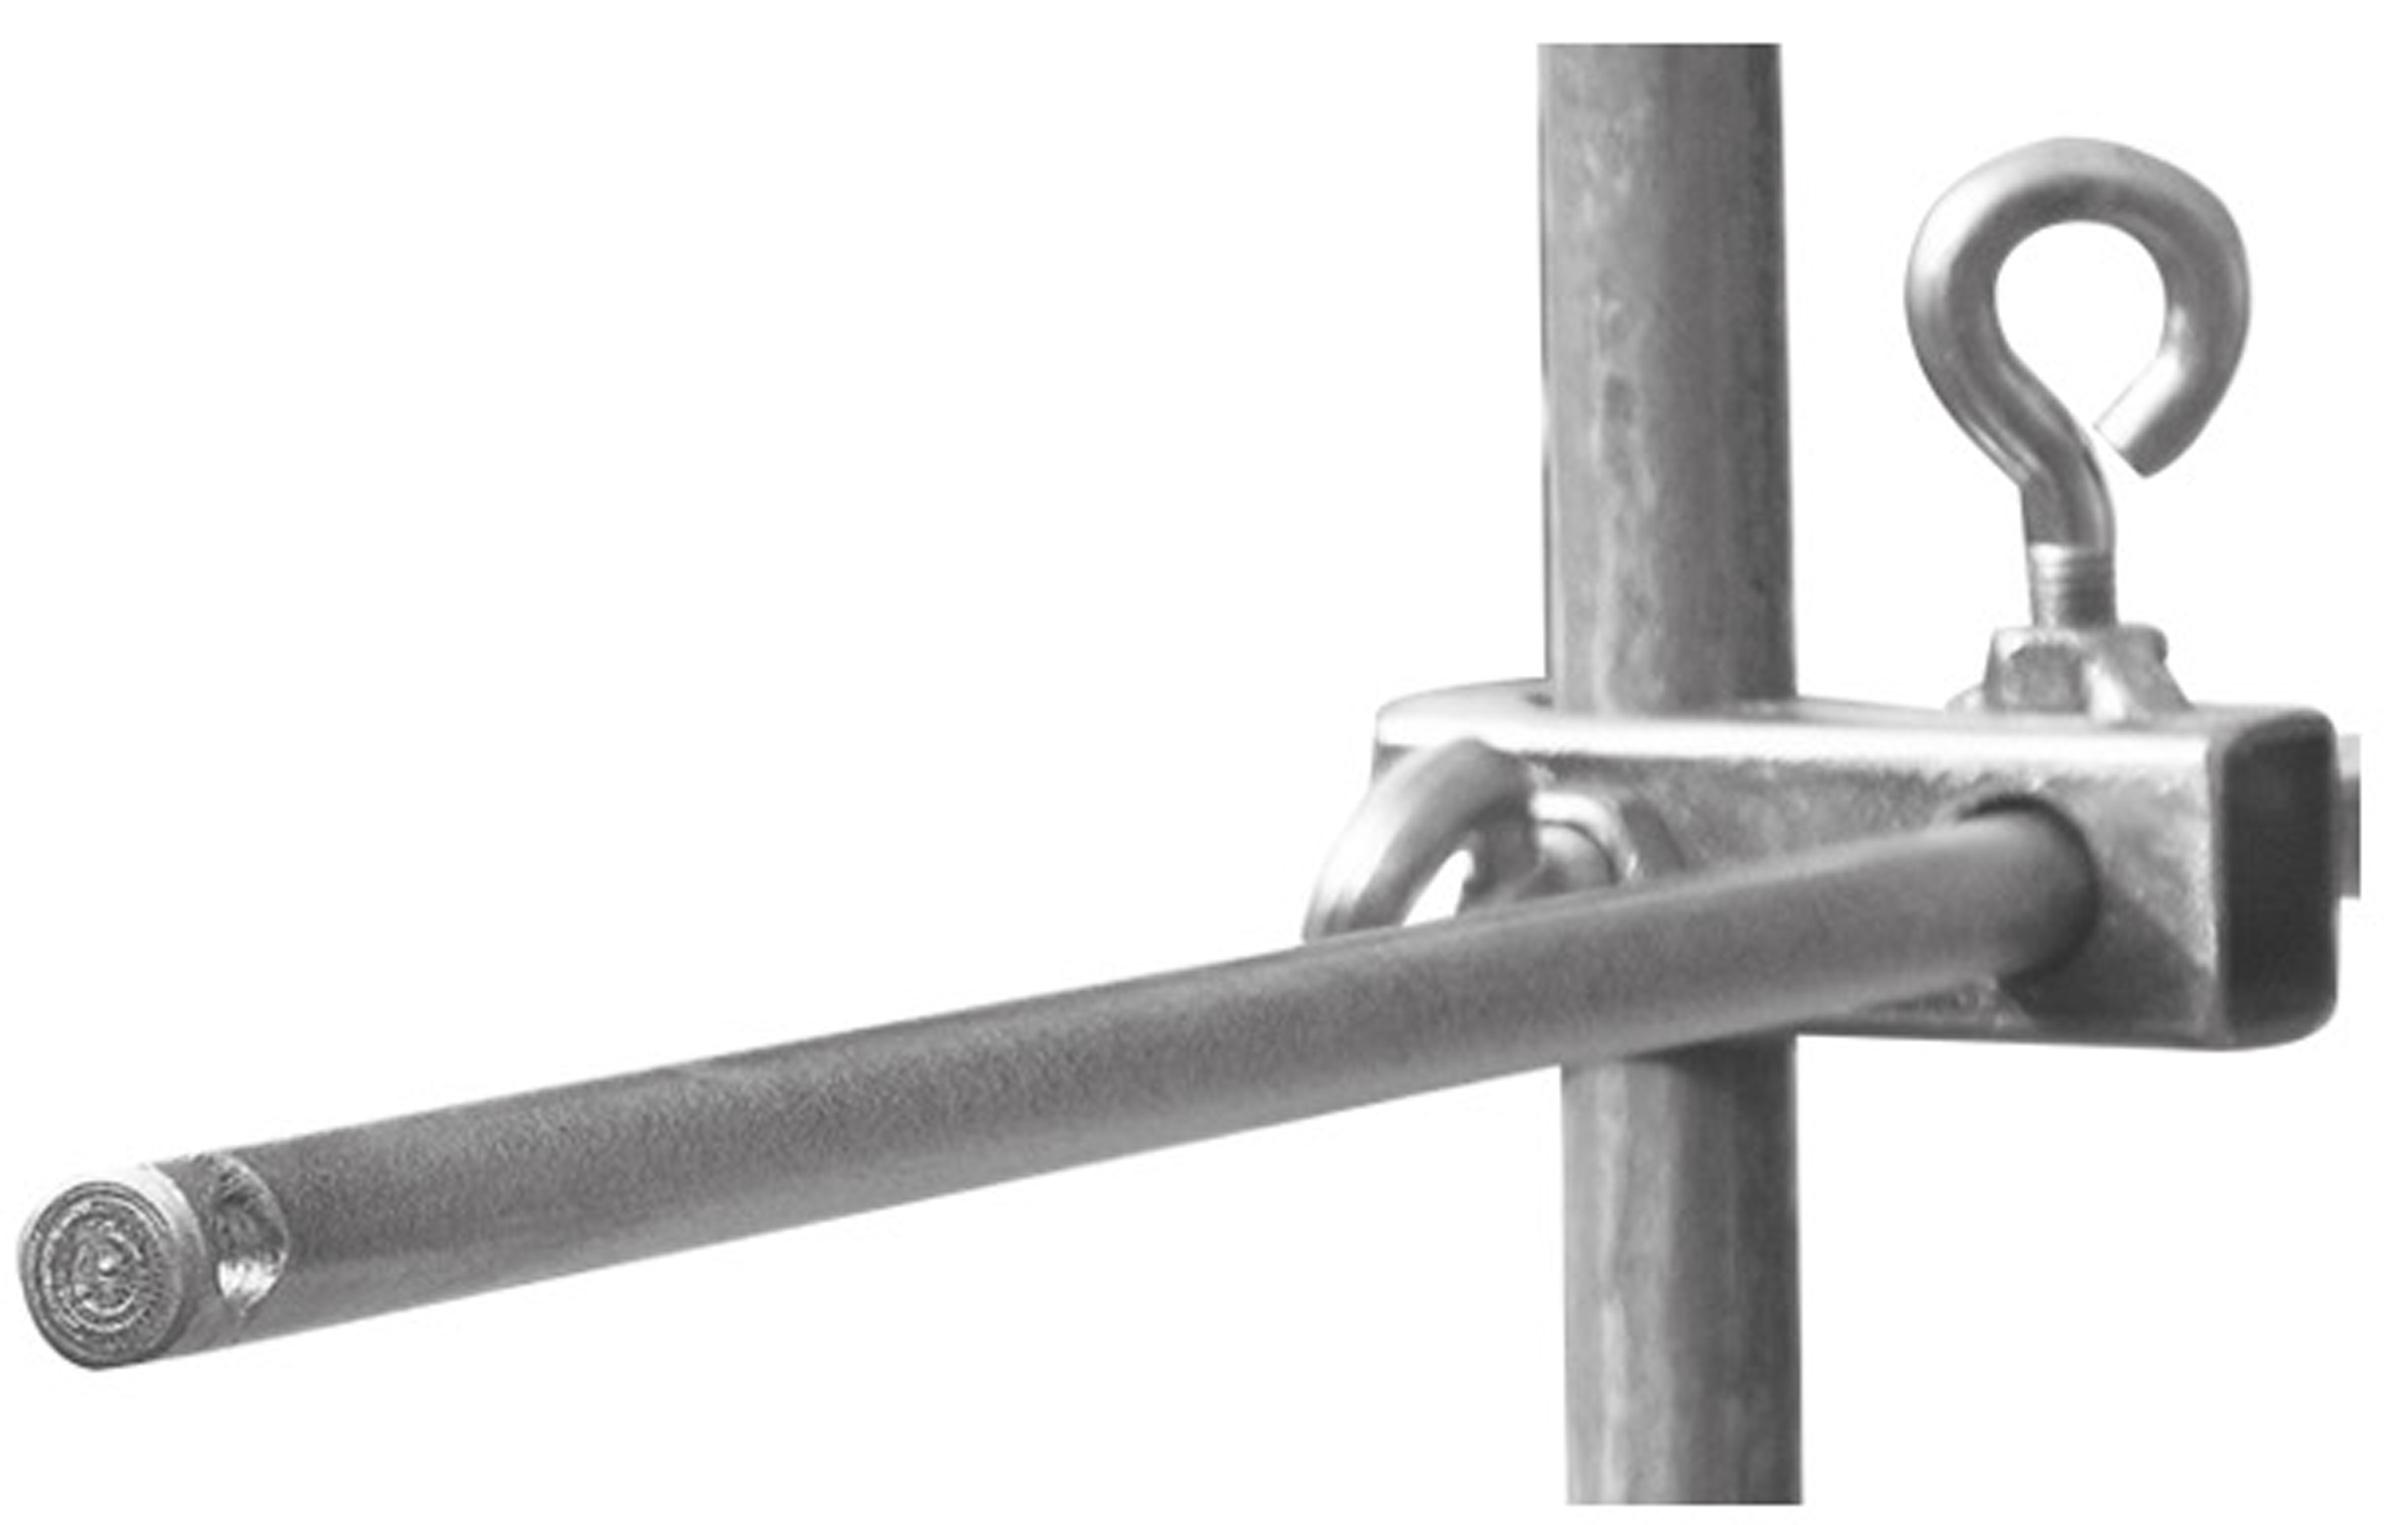 Schake Richtschnurhalter verzinkt für Schnurpfähle Ø 10 - 20 mm